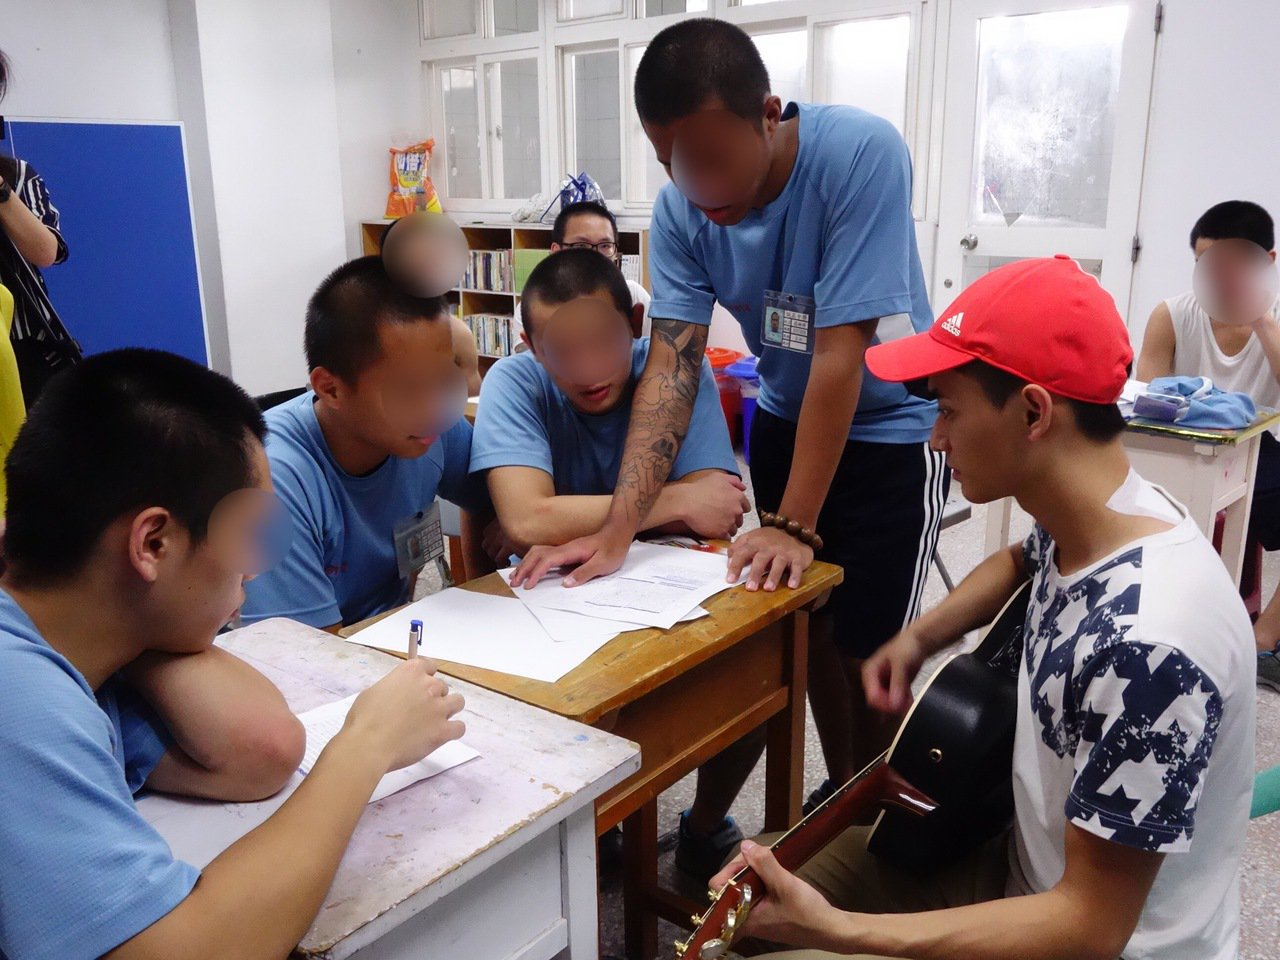 誠正中學這門課,一群男孩用江湖味唱出最青春的故事,想起以前的光景,聲音略顯激動。...